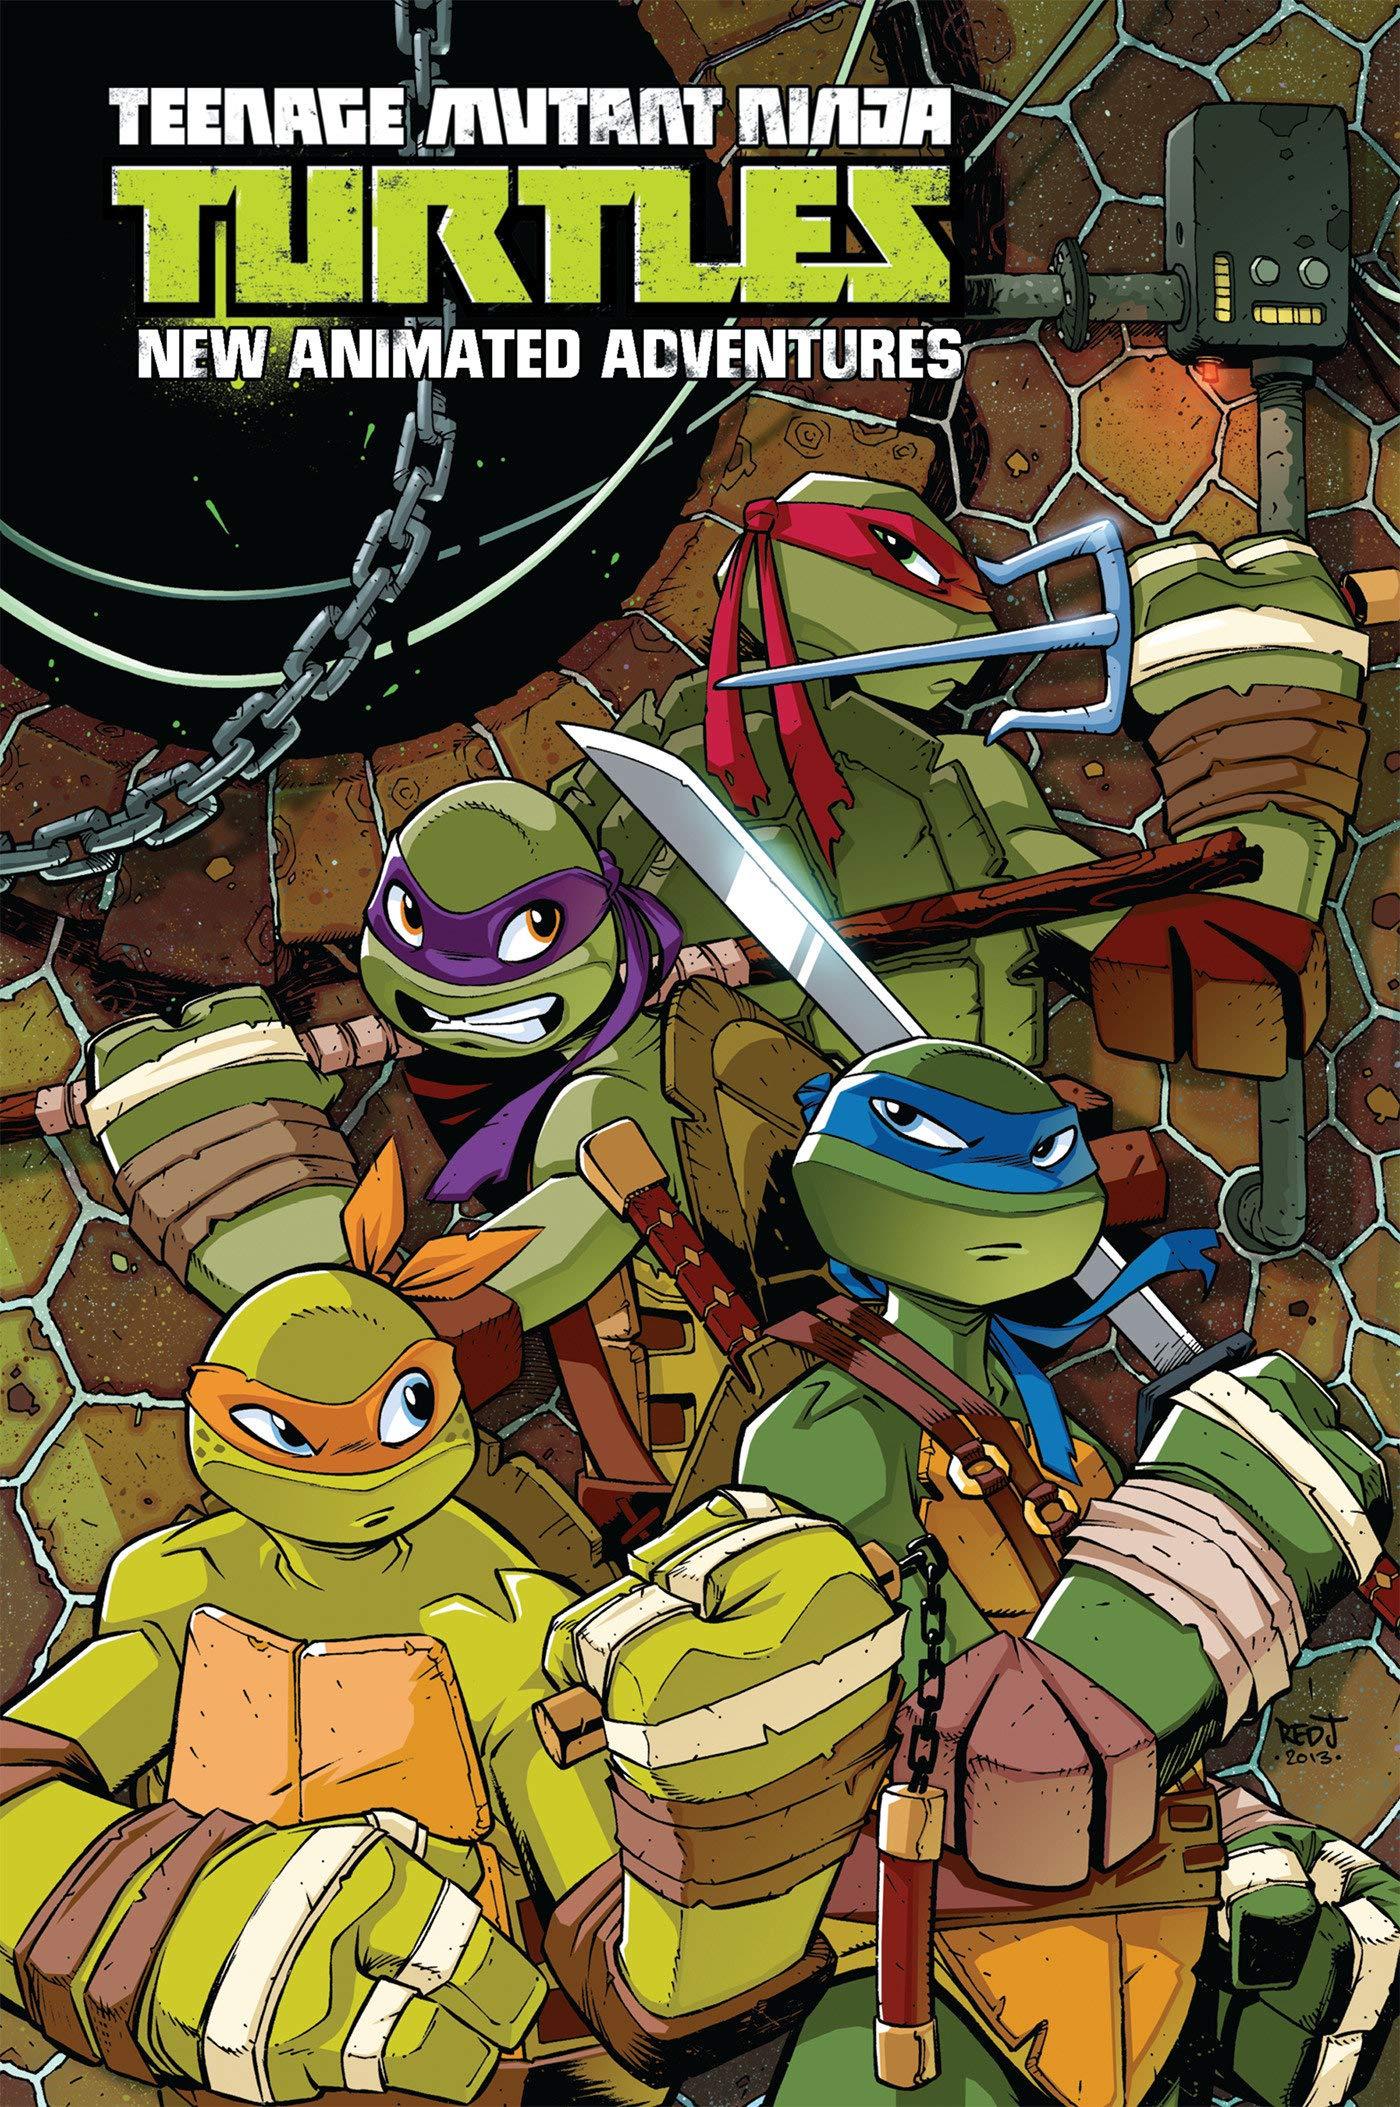 Teenage Mutant Ninja Turtles: New Animated Adventures ...